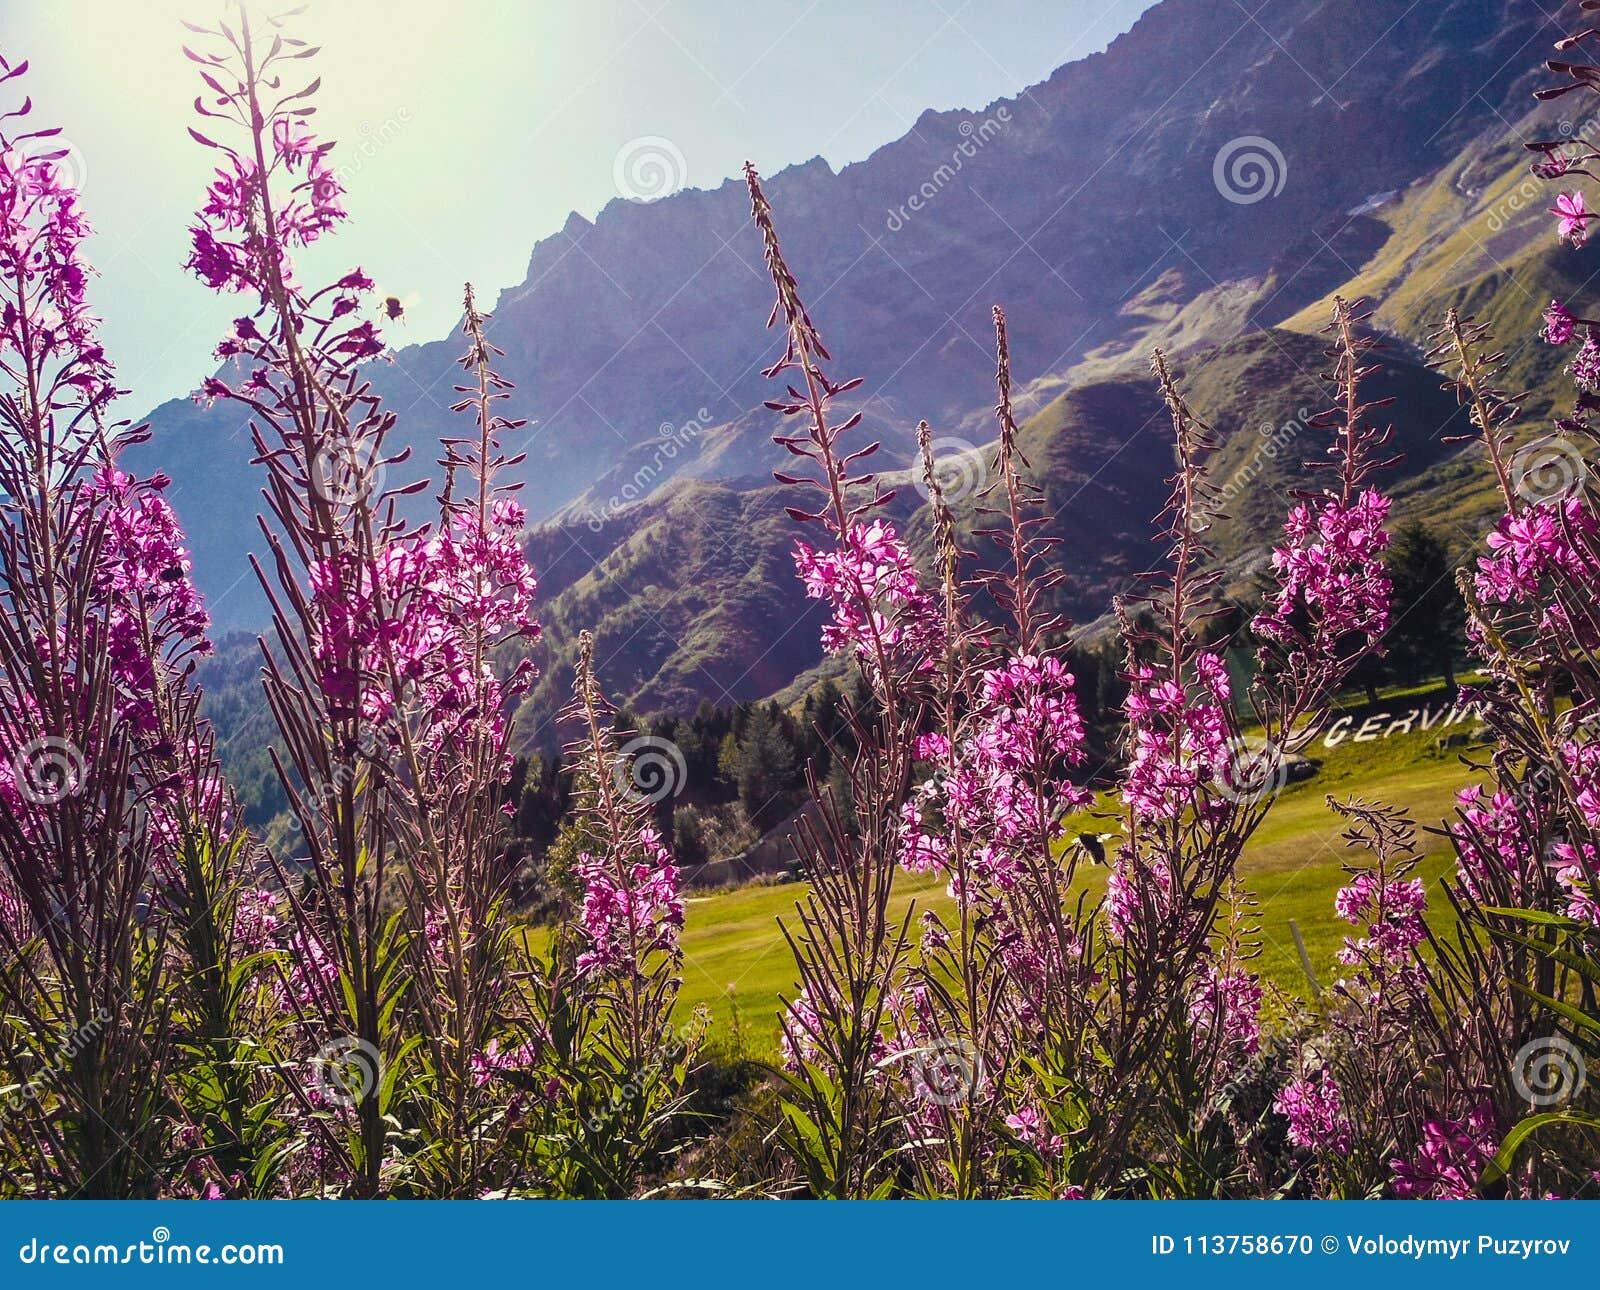 Mooie bloeiwijzen van wilde wilgenthee in alpiene weiden, close-up